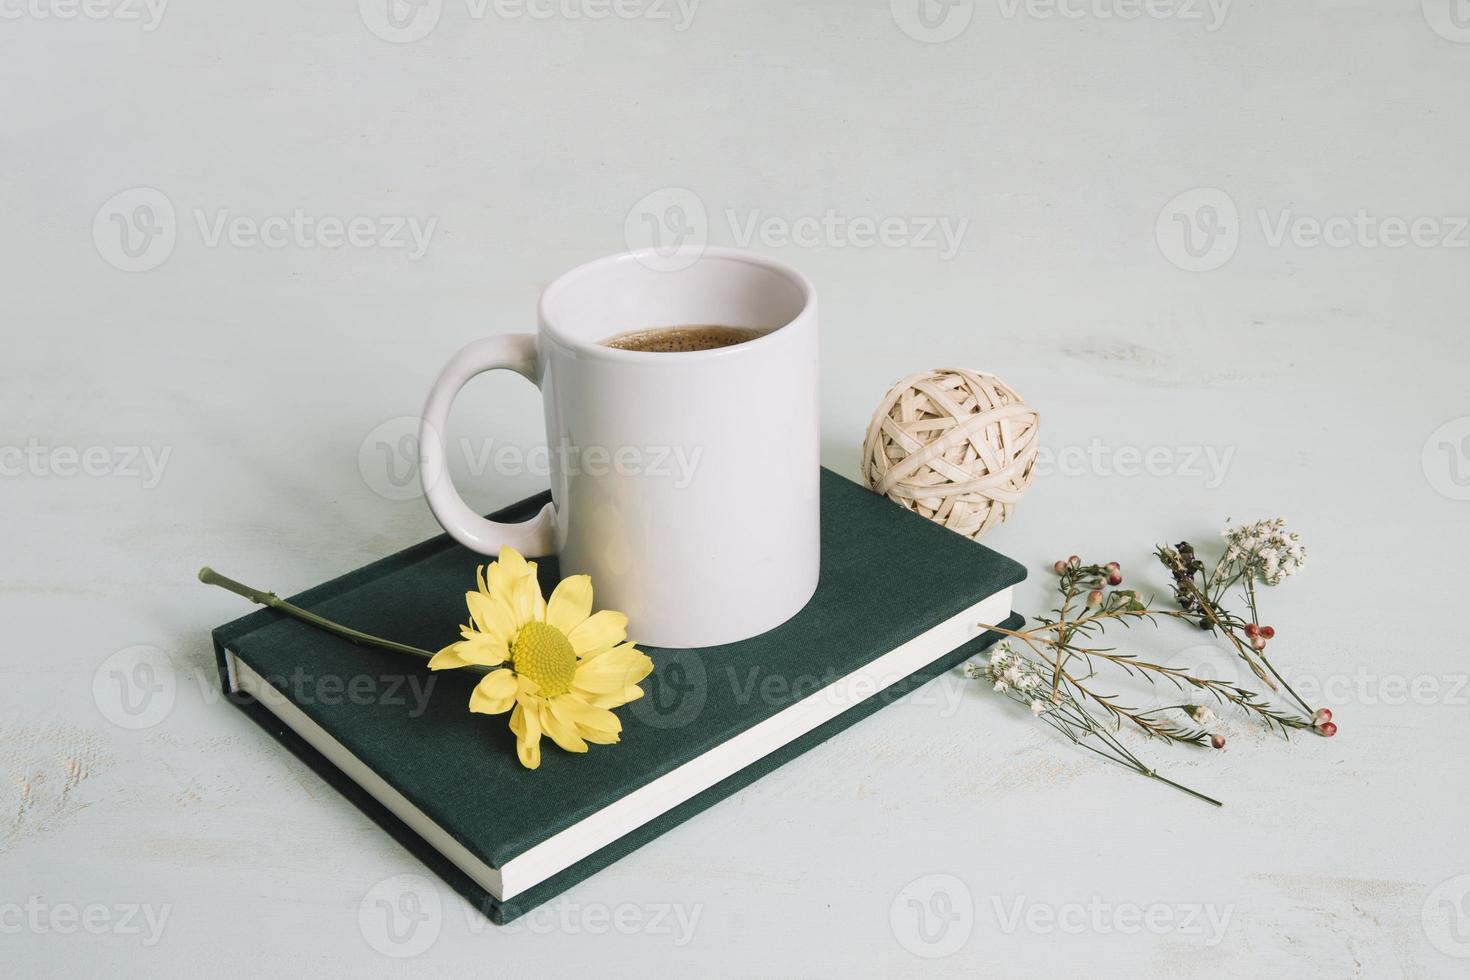 tazza e fiore su un quaderno foto